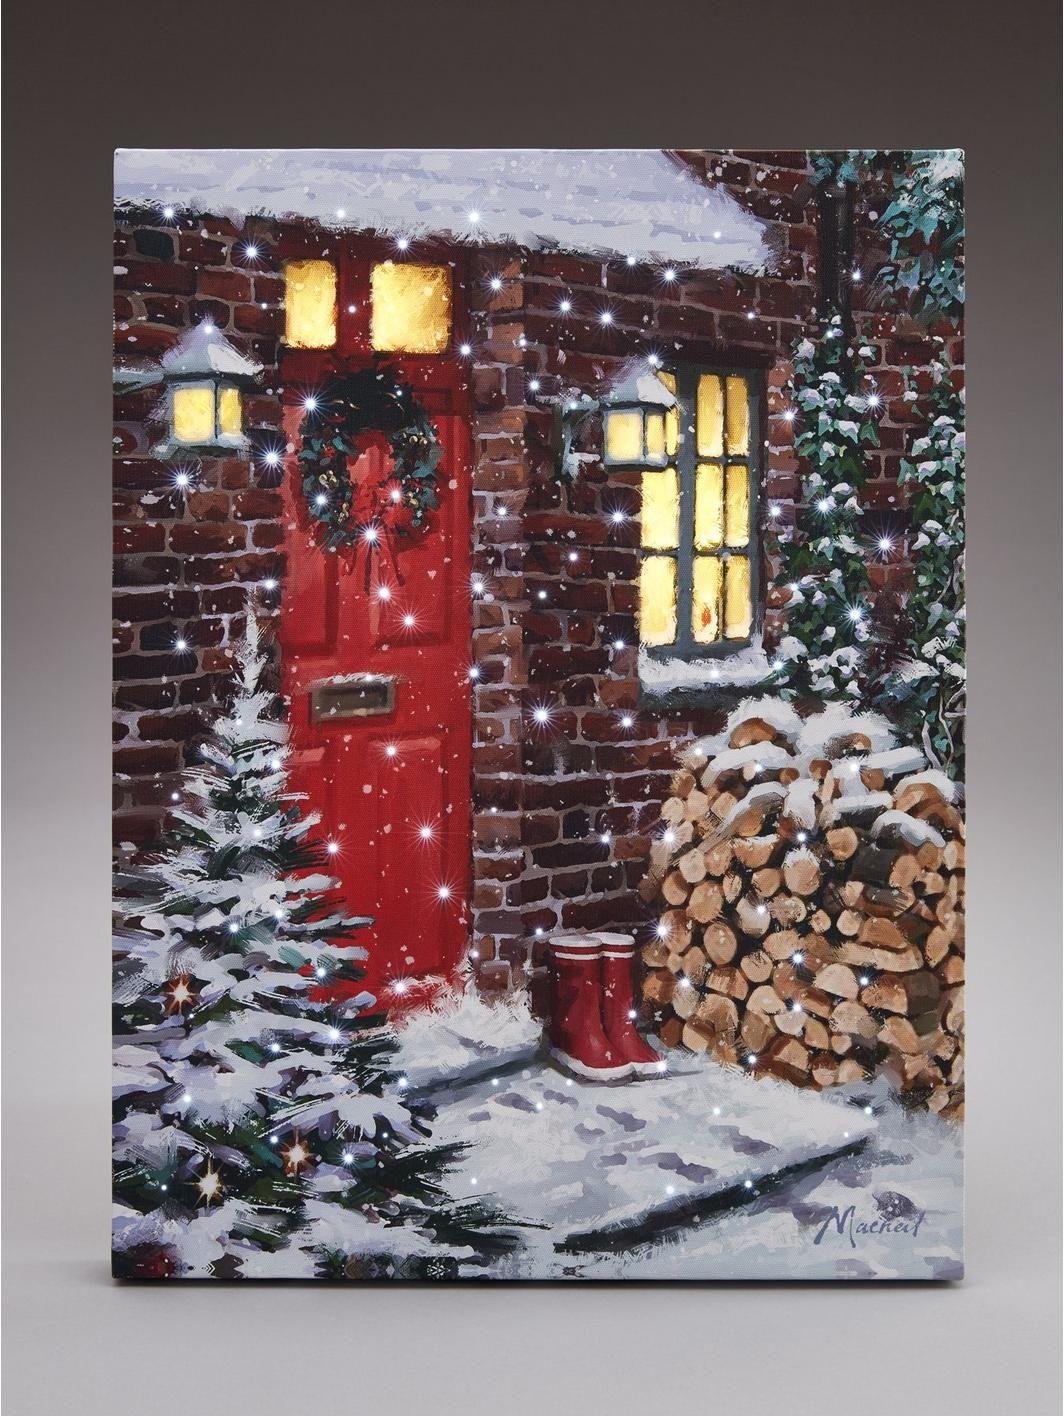 Red Door Light Up Canvas Wall Art Christmas Decoration Https Www Littlewoodsireland Ie Red Door Light Up Canvas Light Up Canvas Framed Art Online Framed Art